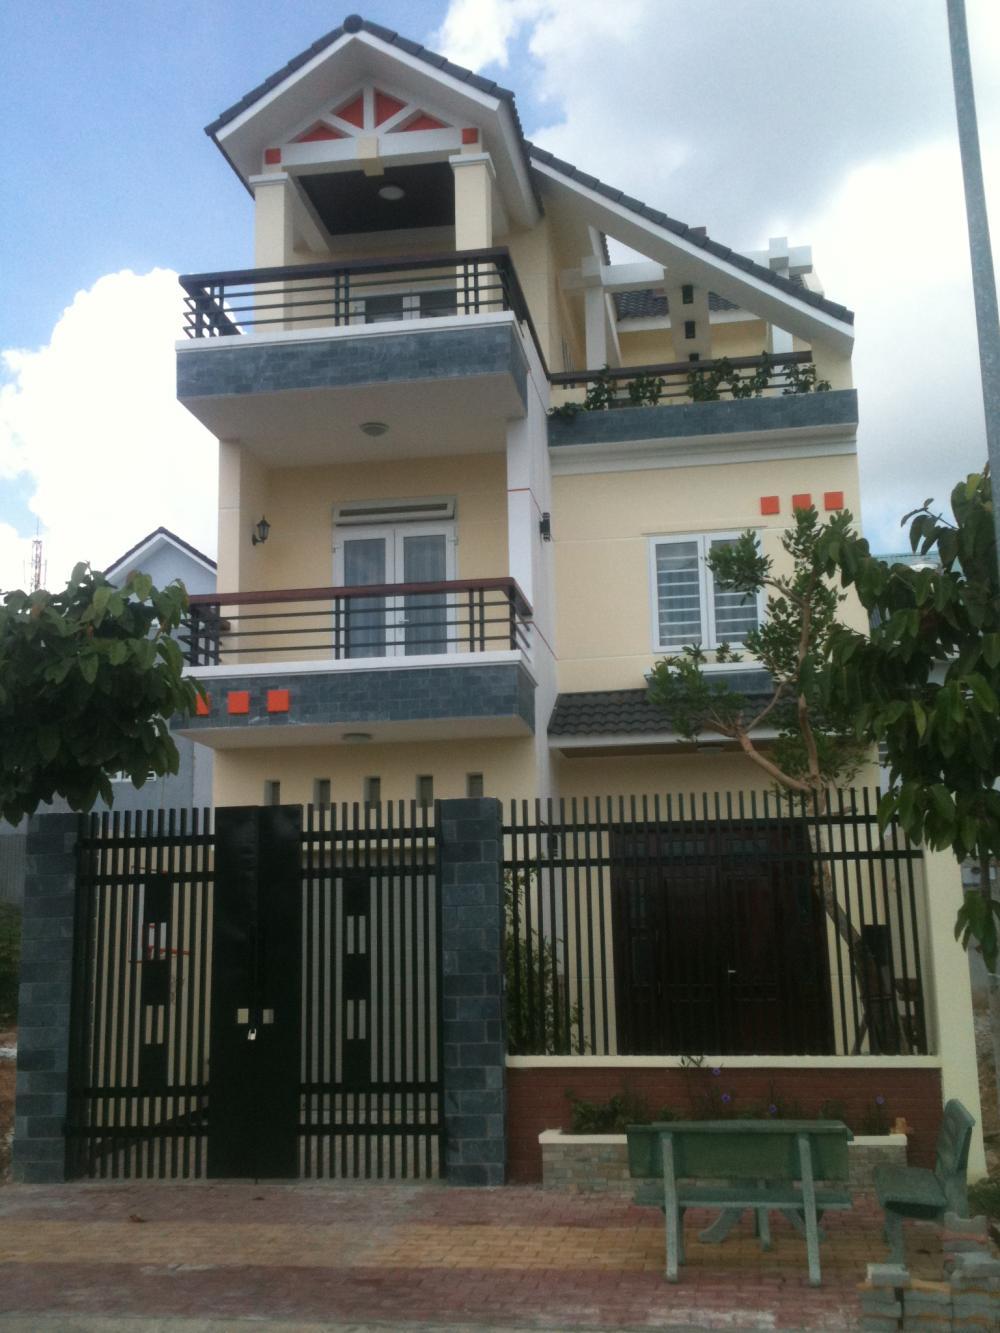 dịch vụ xin giấy phép xây dựng nhà mới trọn gói.